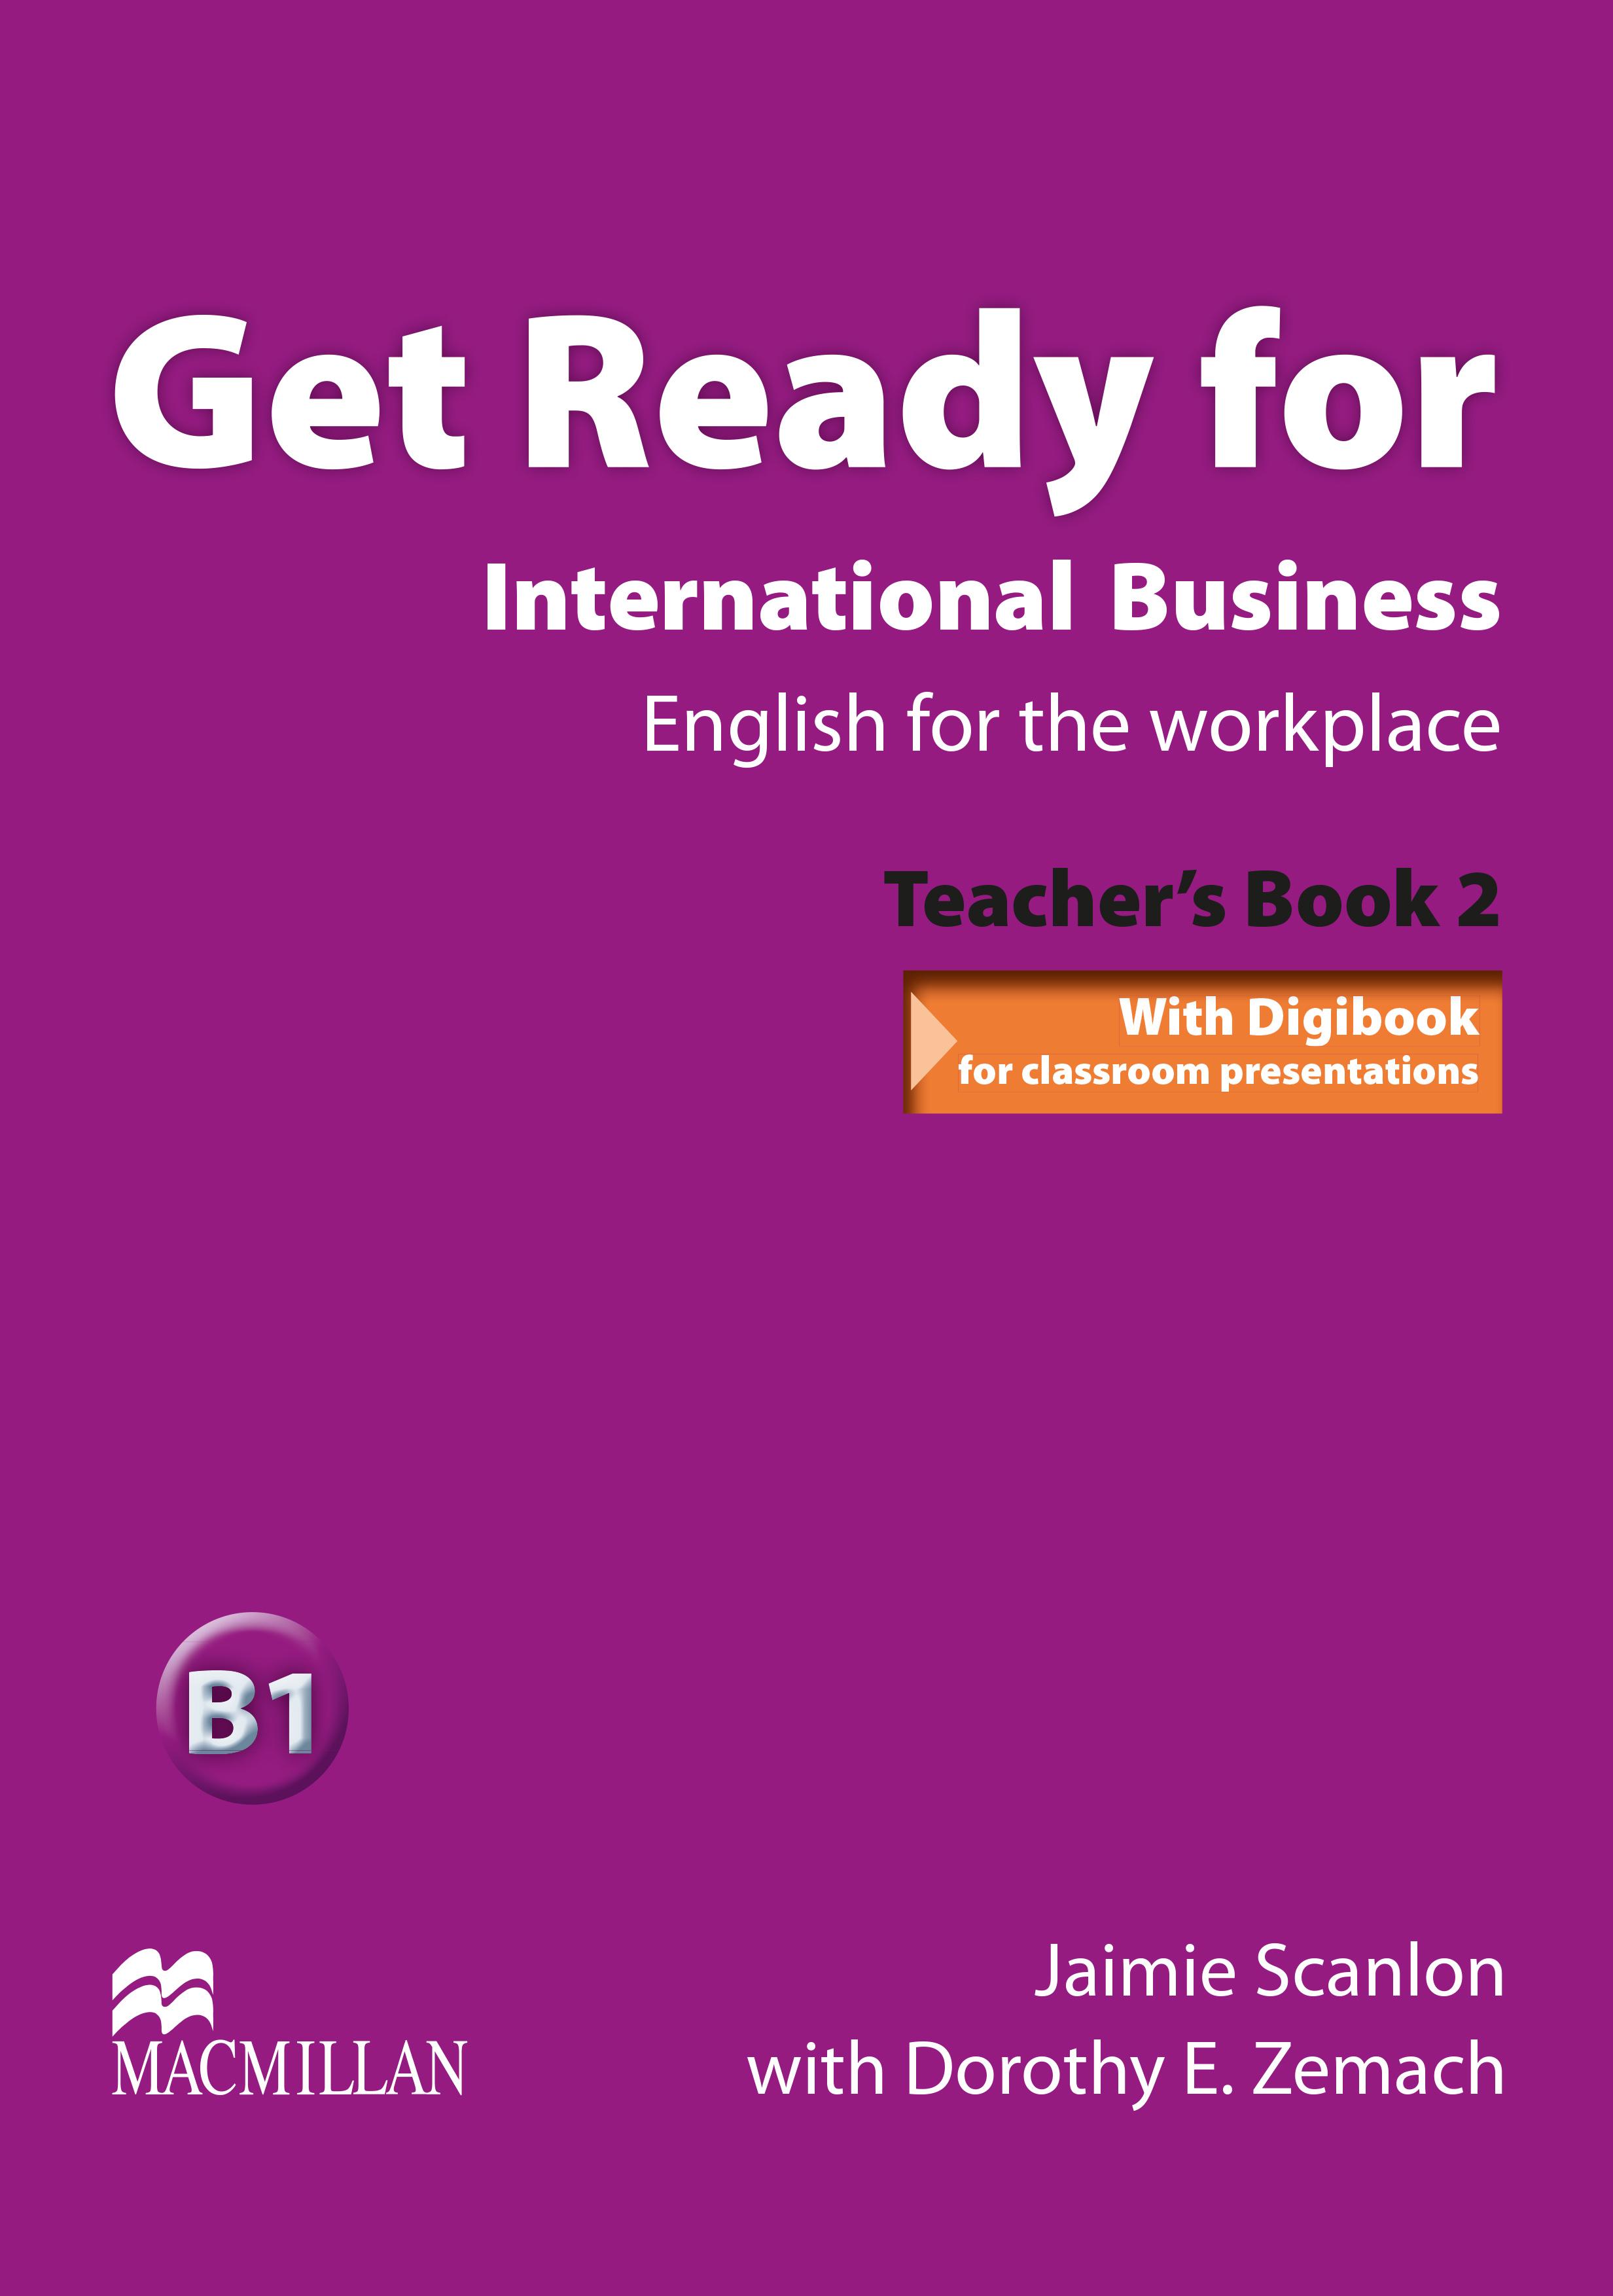 Get Ready For International Business 2 Teacher